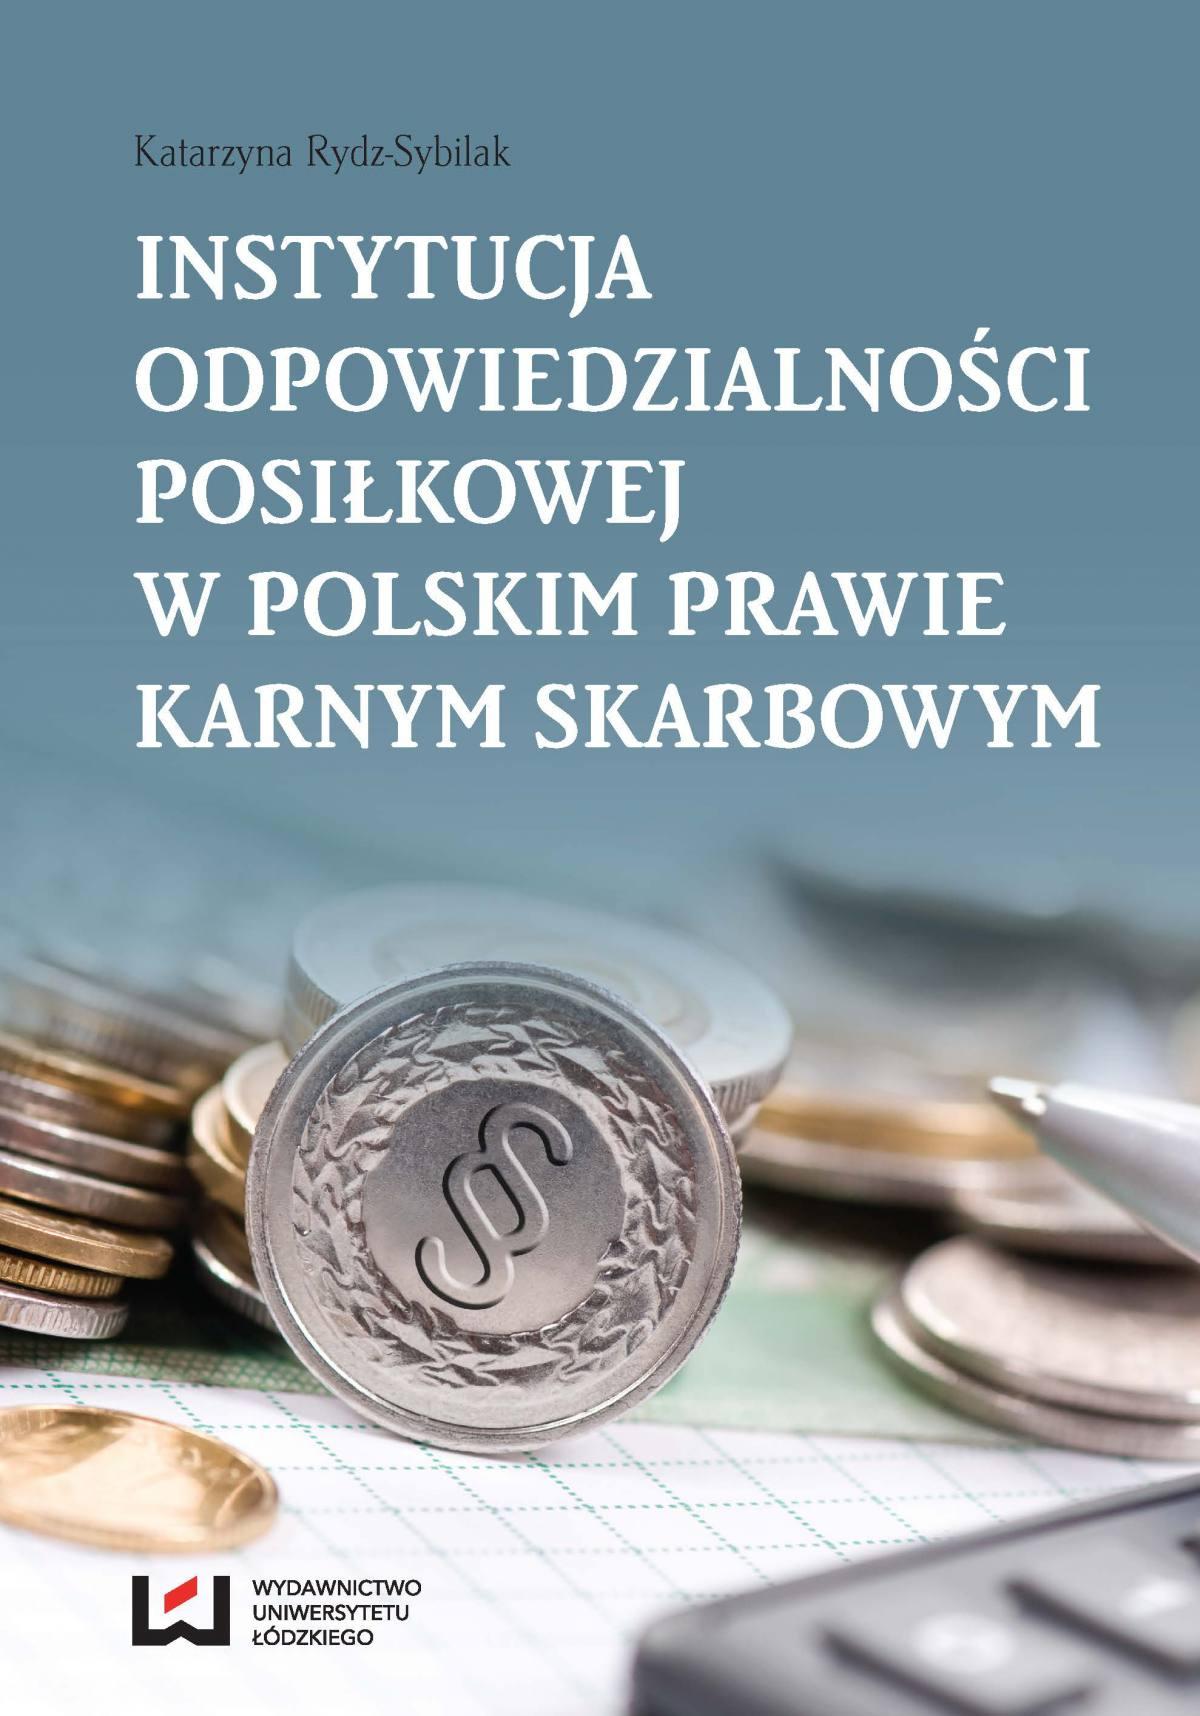 Instytucja odpowiedzialności posiłkowej w polskim prawie karnym skarbowym - Ebook (Książka PDF) do pobrania w formacie PDF